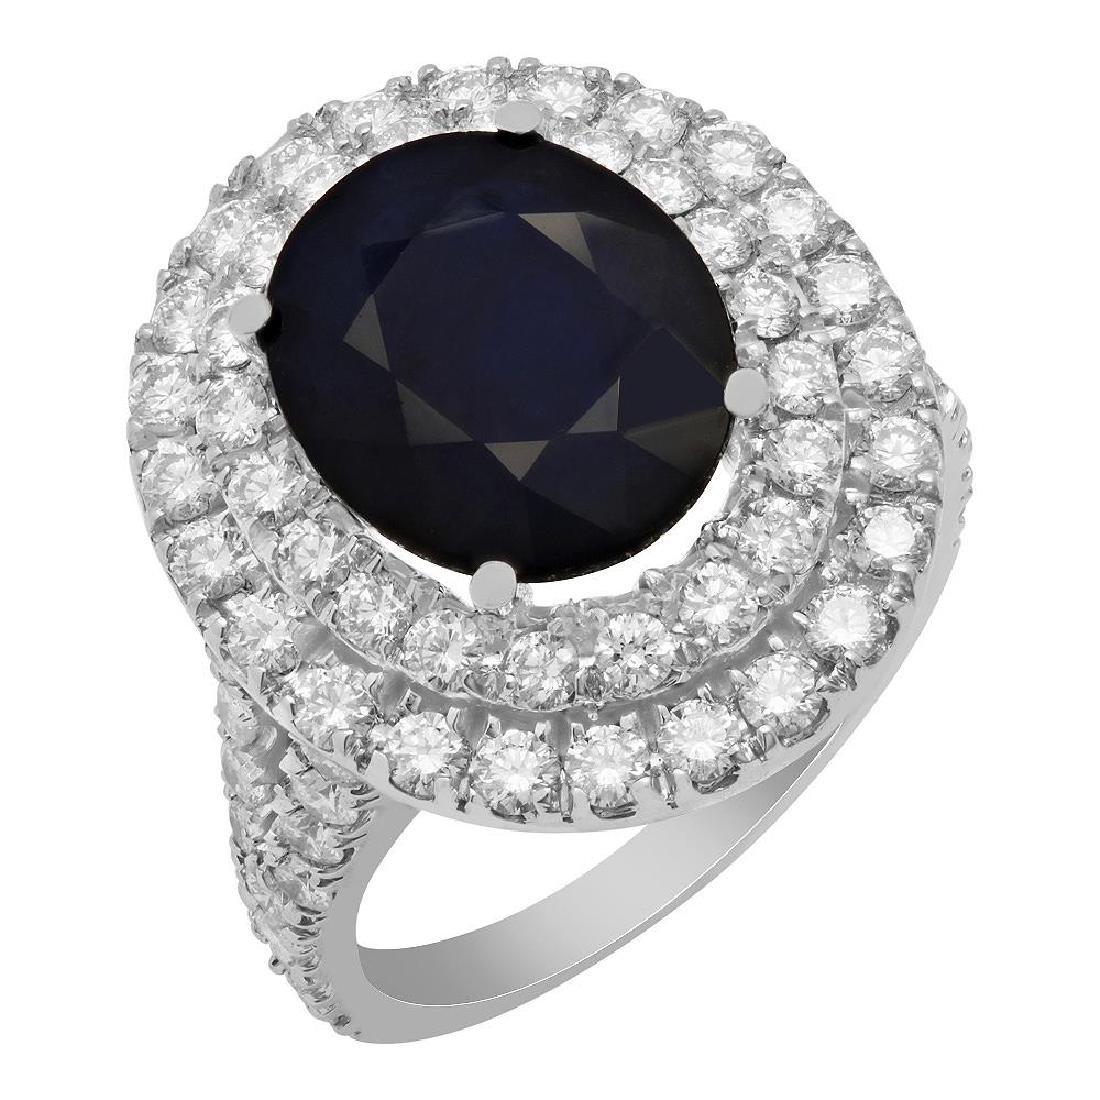 14k White Gold 11.11ct Sapphire 1.68ct Diamond Ring